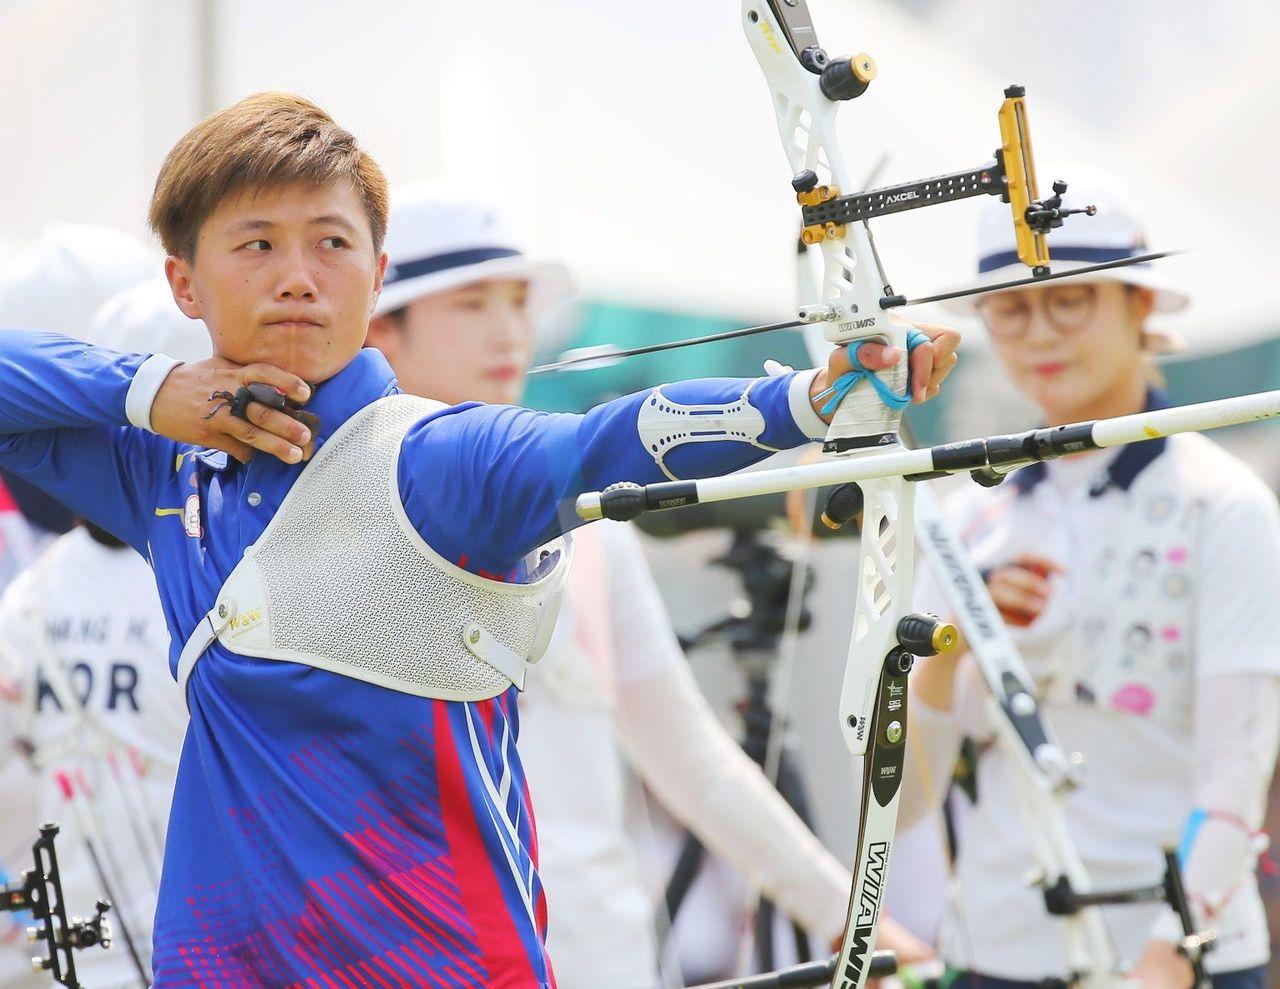 雷千瑩女團金牌戰奪銀,明天還有個人賽銅牌戰。特派記者陳正興/雅加達攝影